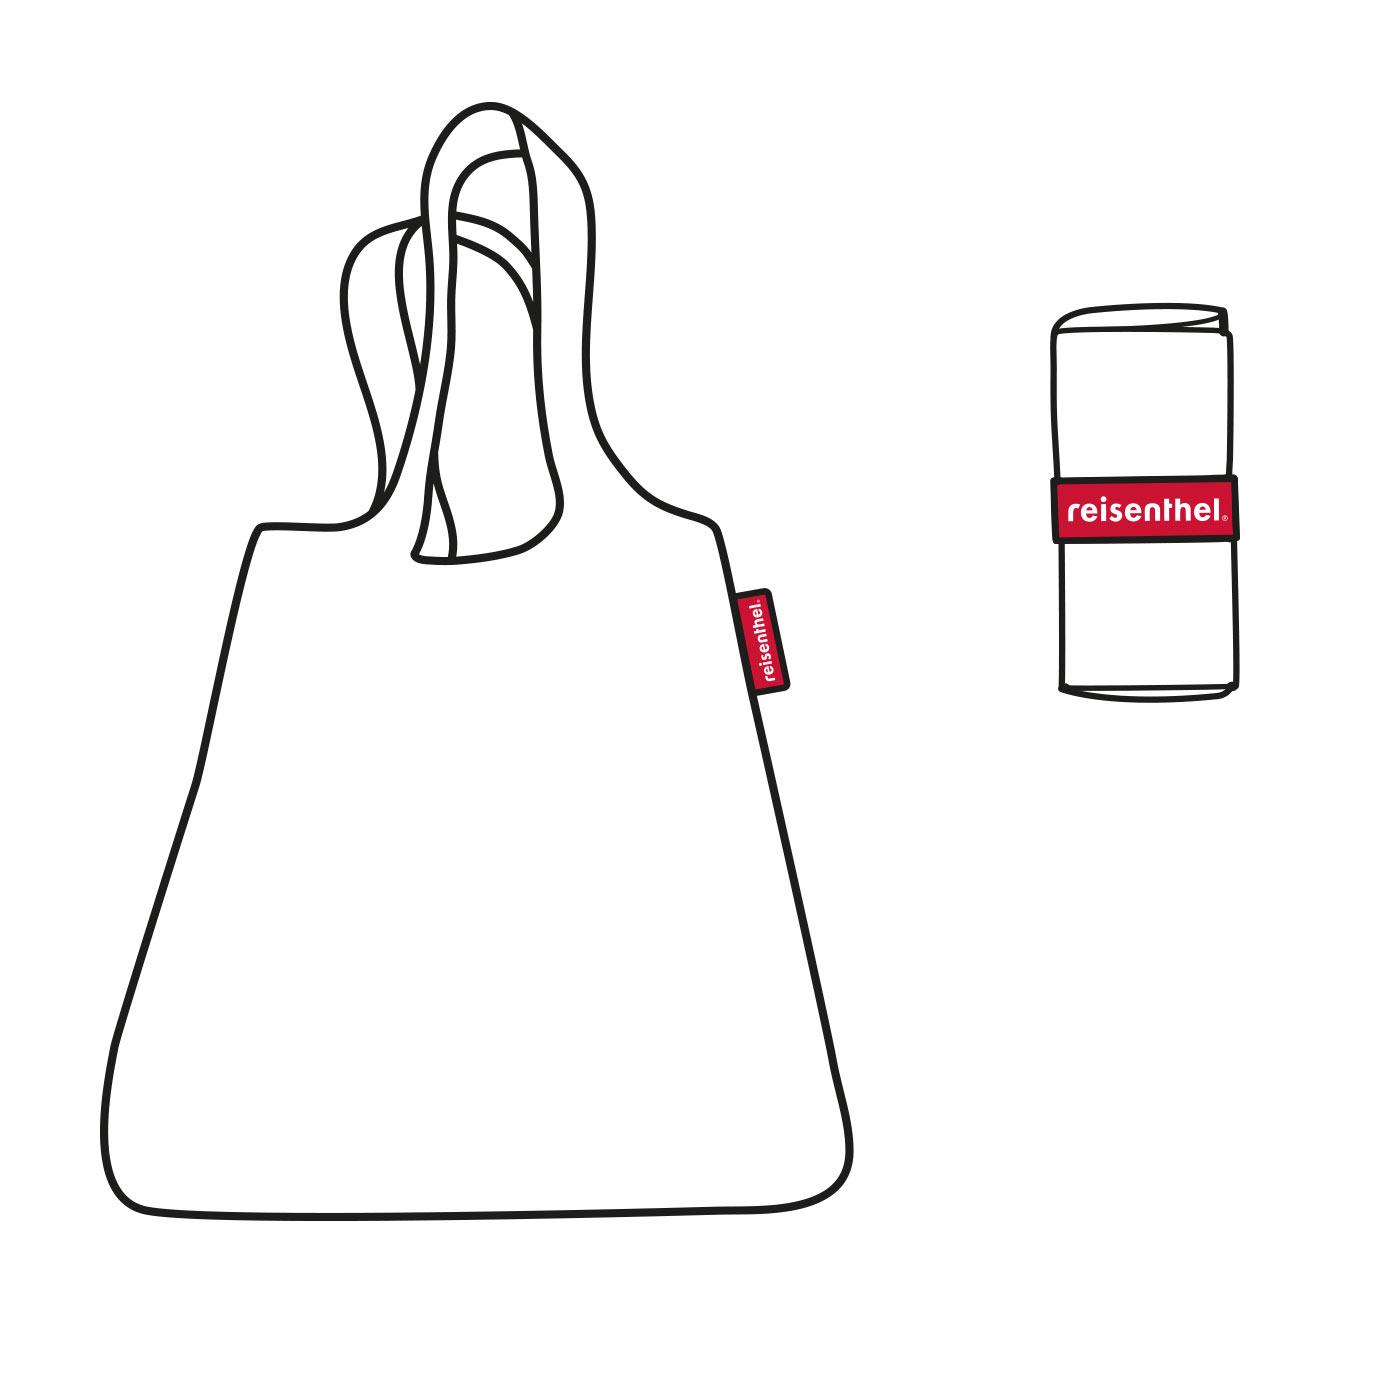 Reisenthel Mini Maxi Shopper Azure Dots Nákupní taška, která šetří životní prostředí!  - dvě extra dlouhá ucha pro snadné nošení - rozměr po sbalení je 6 x 12 x 2 cm